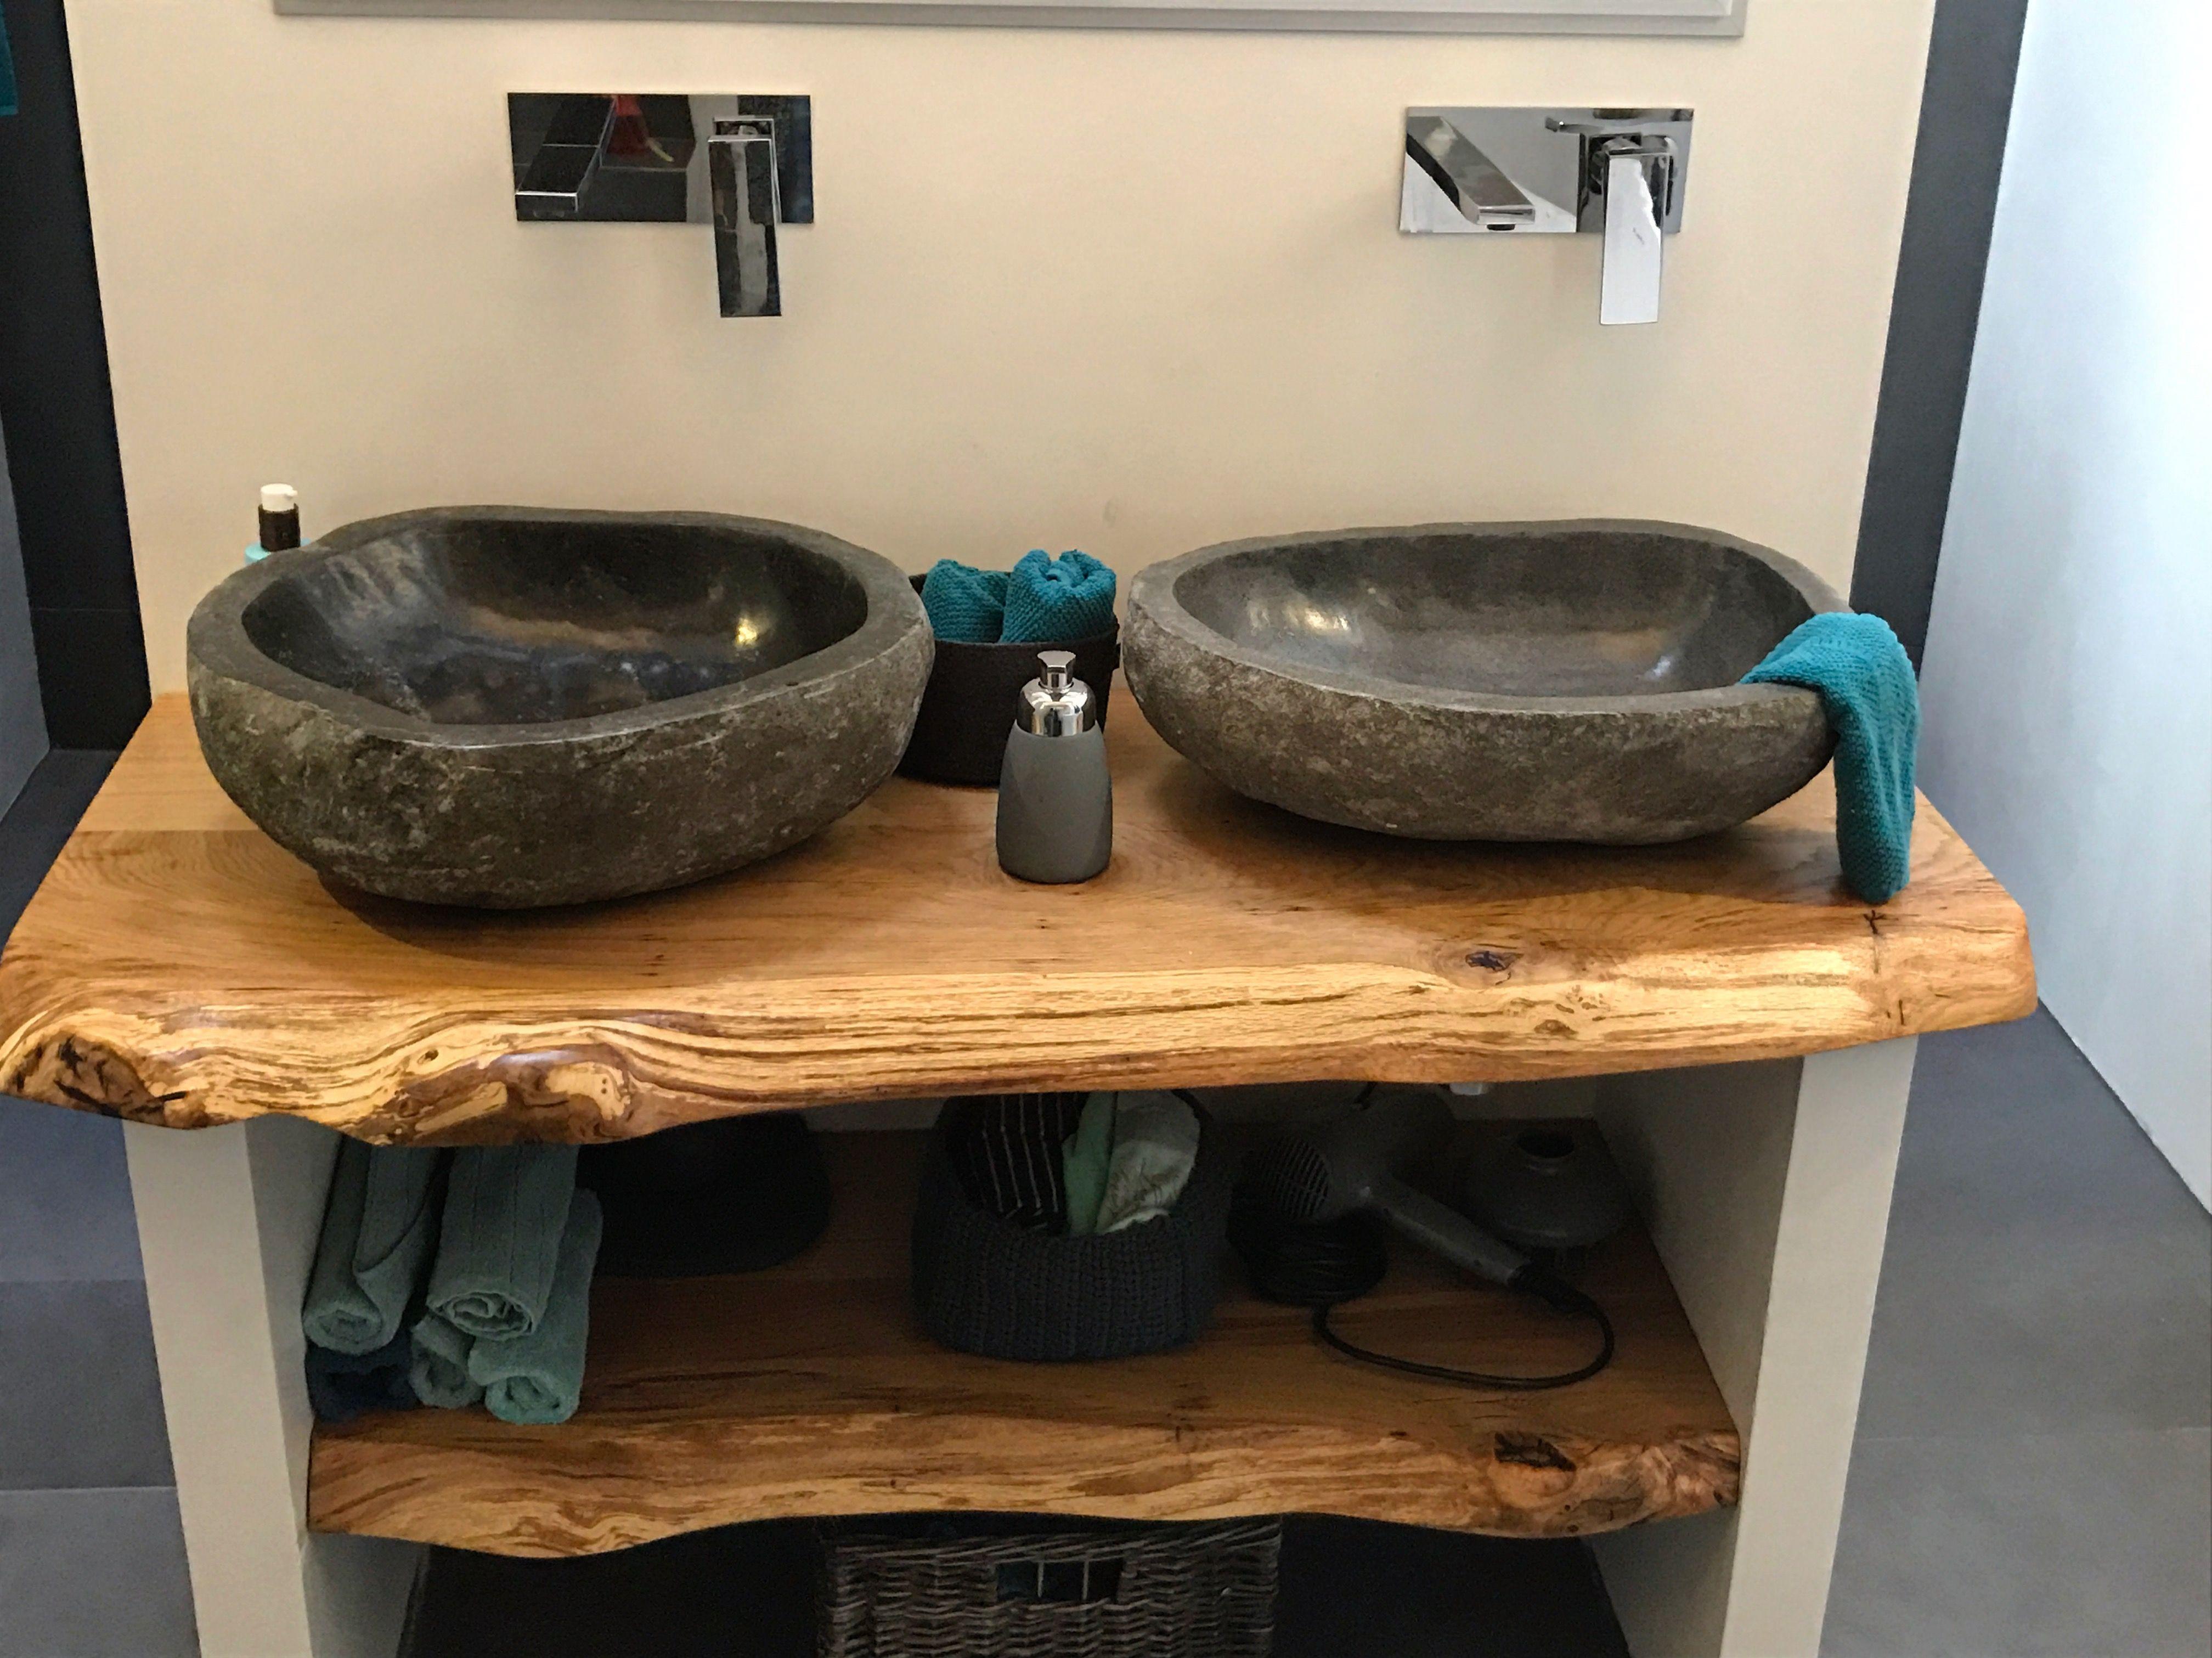 badezimmer waschbecken waschtischplatte waschtisch. Black Bedroom Furniture Sets. Home Design Ideas